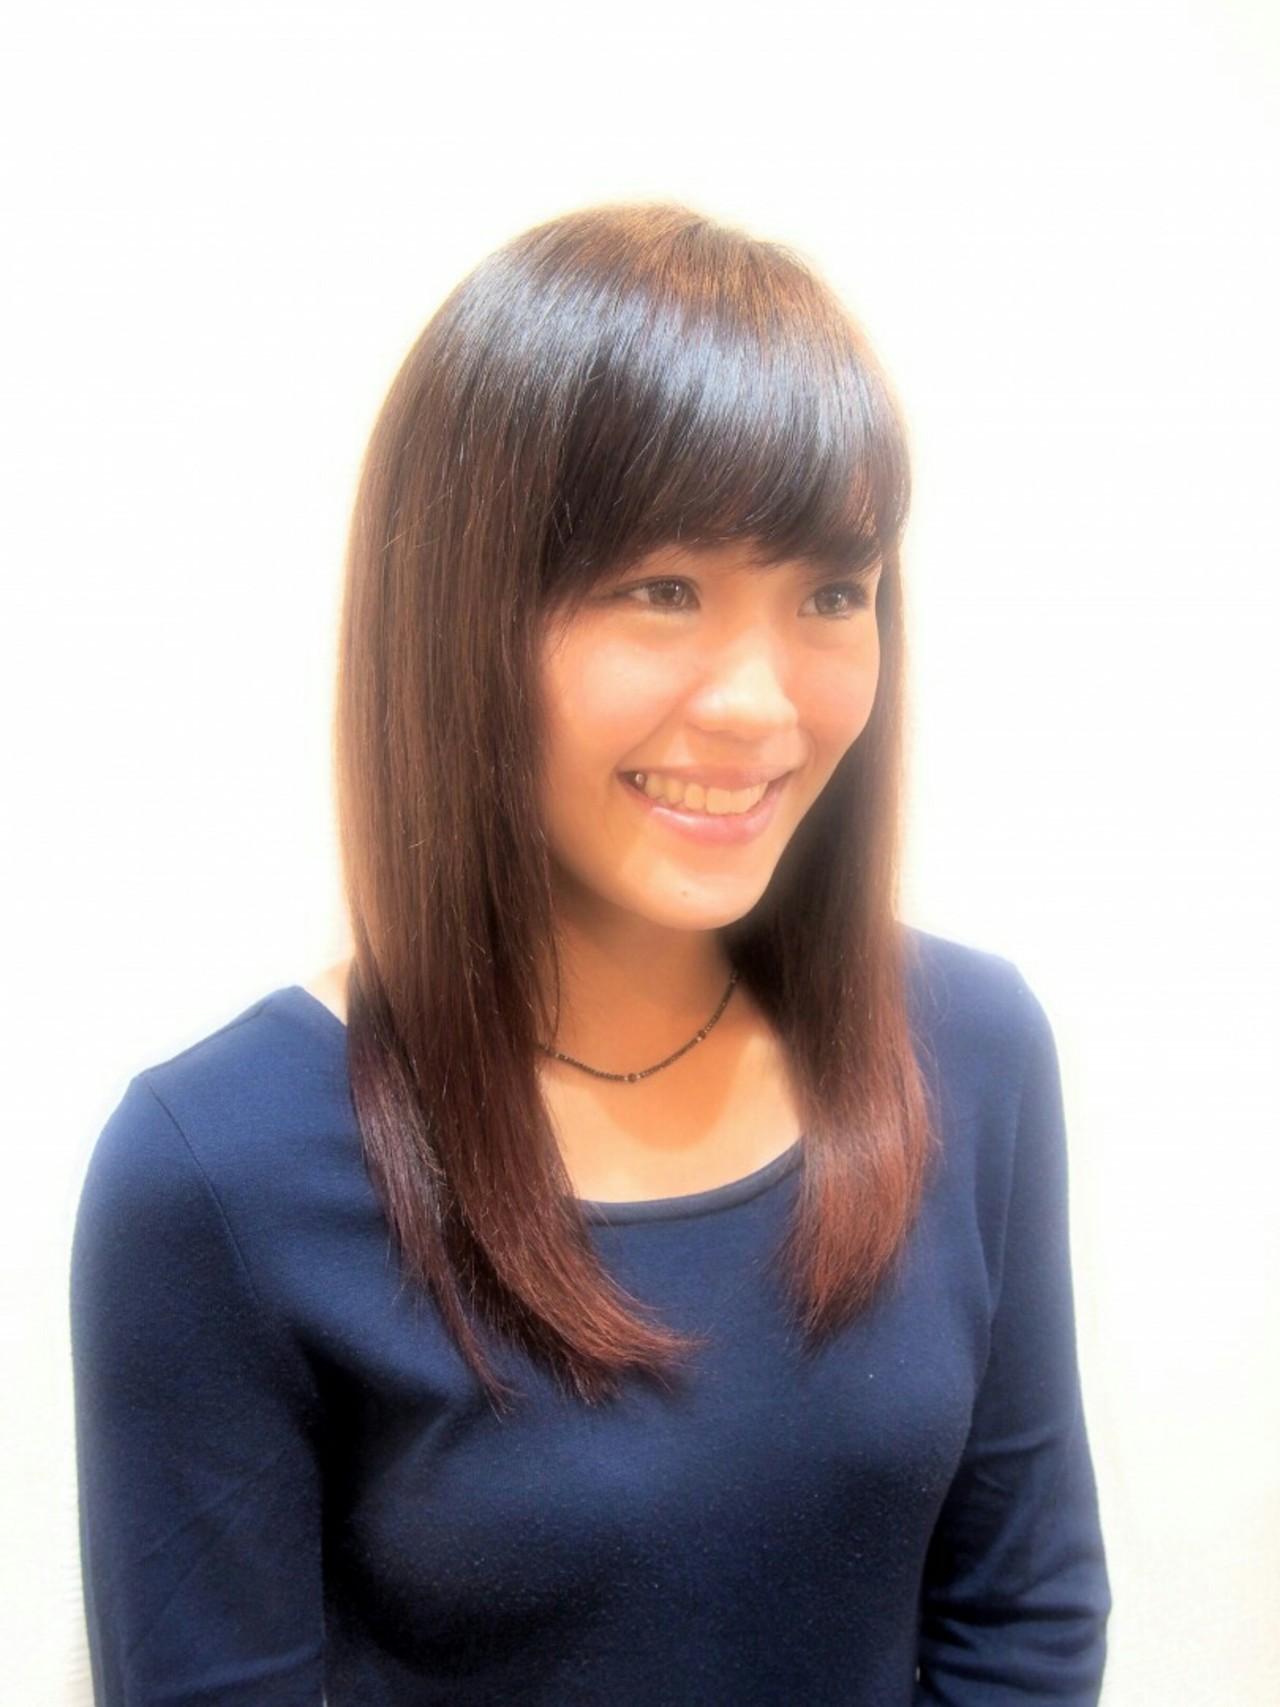 セミロング レッド ピンク ストリート ヘアスタイルや髪型の写真・画像 | Yuki Murakami / HAIR SPACE  Charme